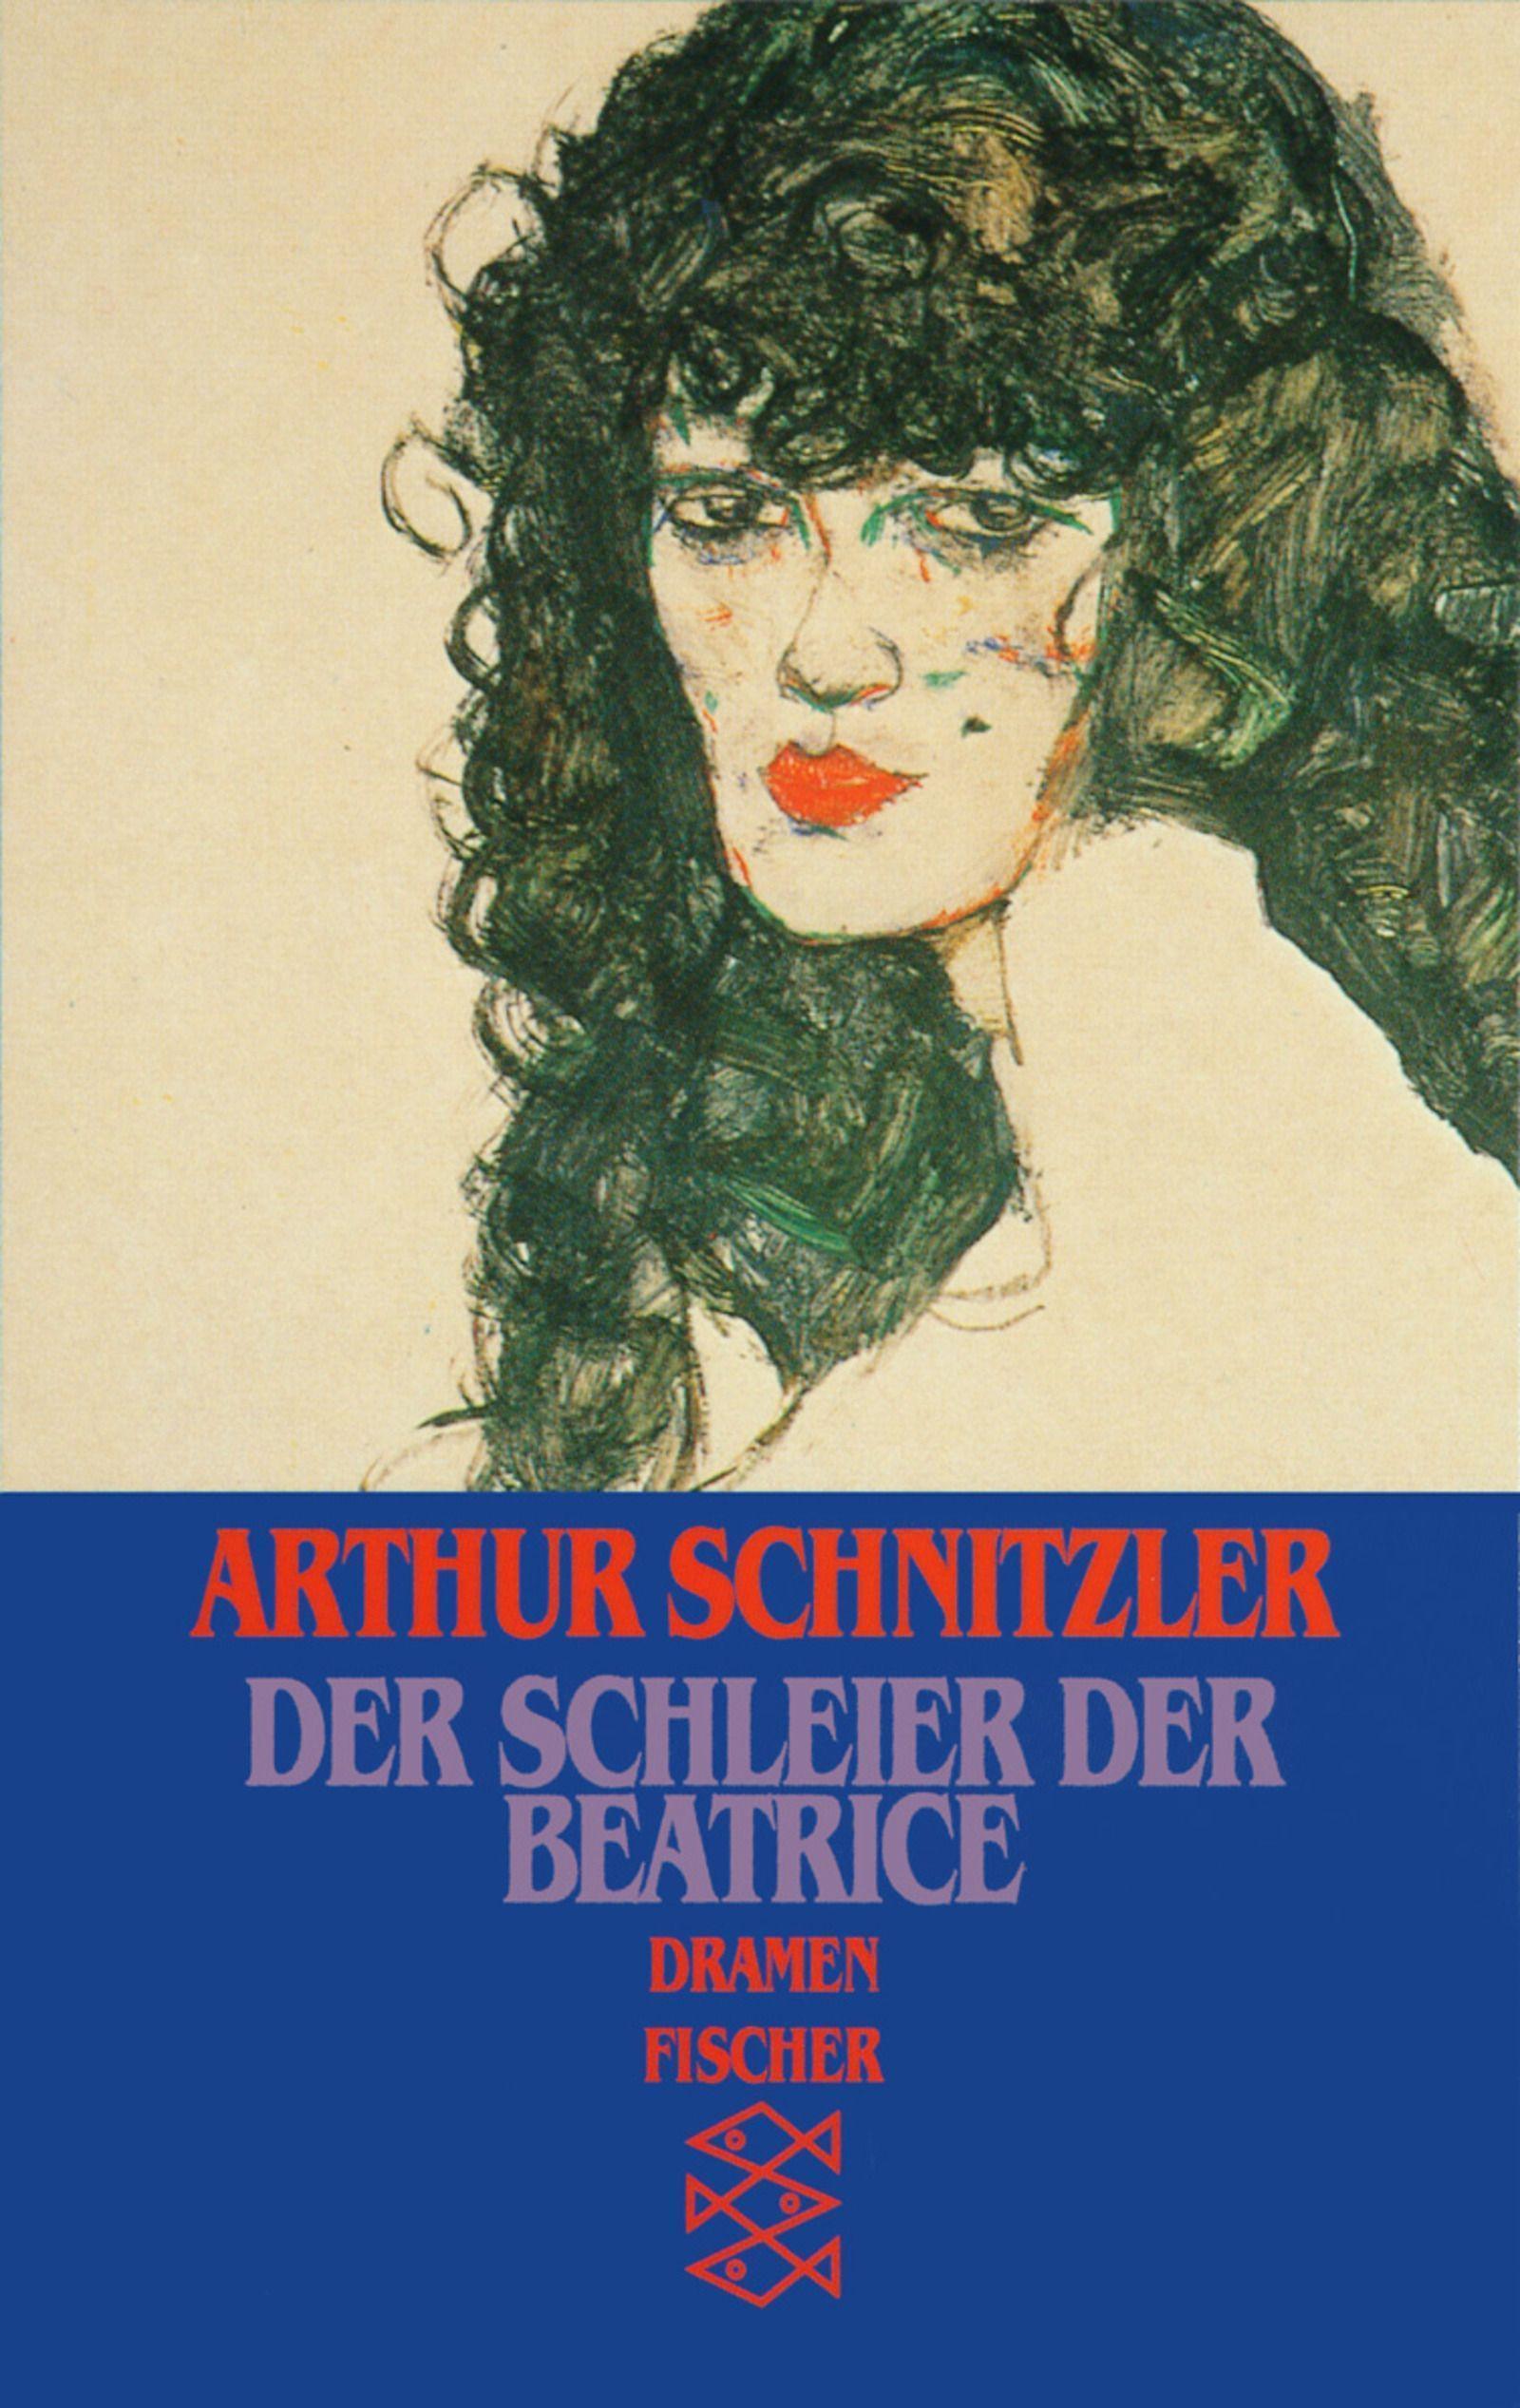 Der Schleier der Beatrice : Dramen 1899-1900: Arthur Schnitzler